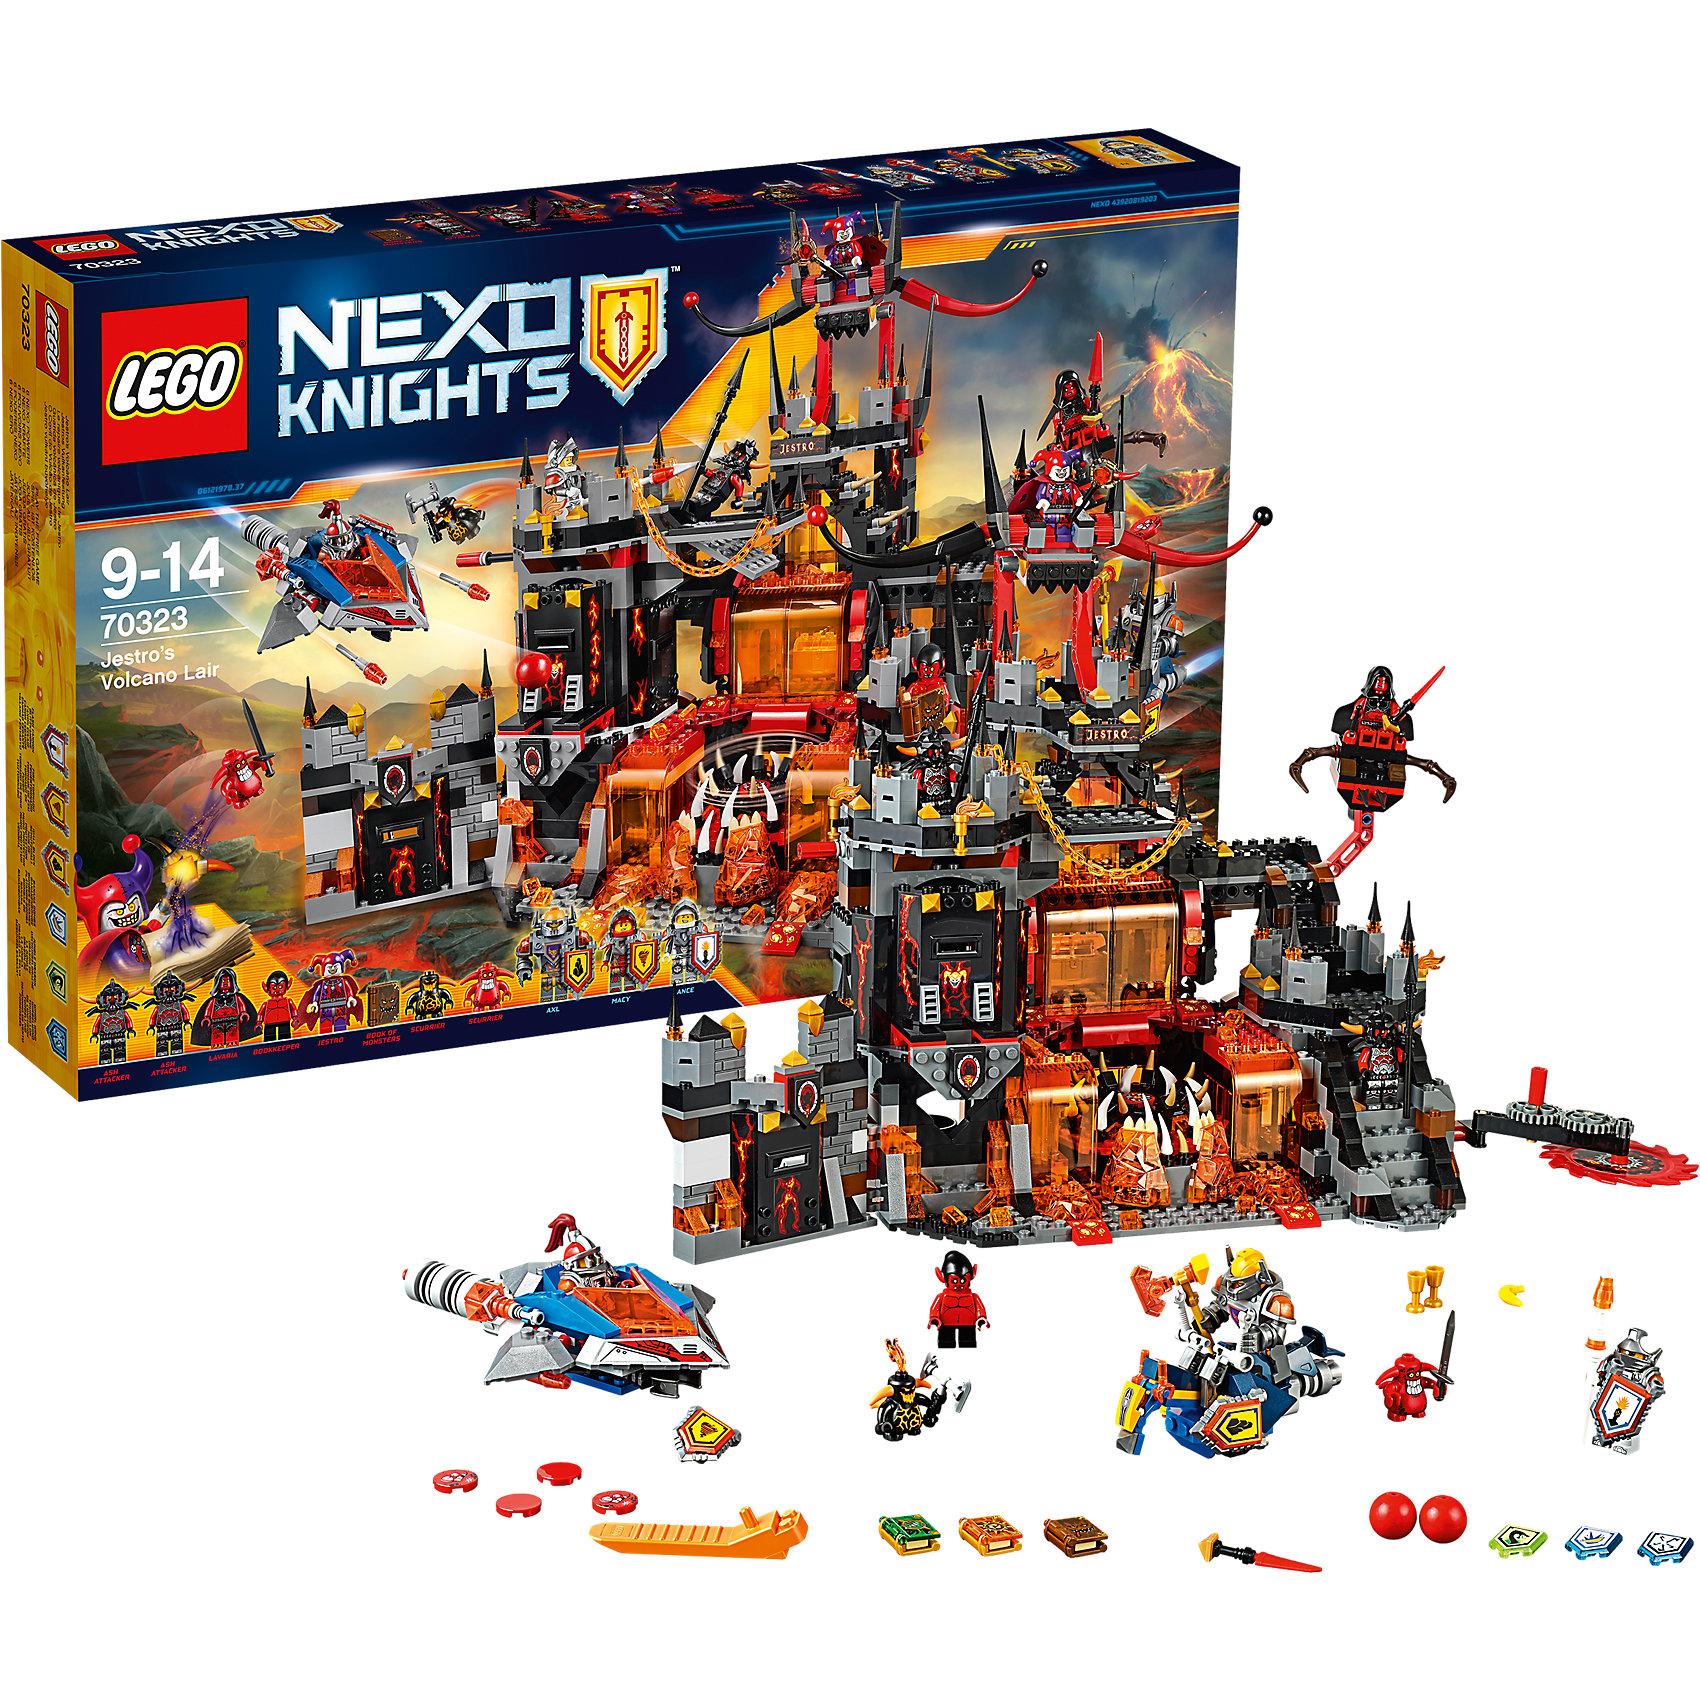 LEGO NEXO KNIGHTS 70323: Логово ДжестроКоварный шут Джестро скрывается в своем логове, расположенном в жезле вулкана. Логово - это огромная неприступная крепость, внутри которой располагается  высокий четырехэтажный замок и небольшая пристройка. В центре крепости - клыкастая вращающаяся пасть монстра, куда сбрасывают всех неугодных. Справа находится лестница, ведущая на вершину замка, слева – башня. На лестнице установлена первая ловушка для штурмующих – огромная дисковая пила, которая вращается. Под лестницей находится камера узников, которой Мэйси может снести одну из стен мощным ударом булавой. Чуть выше лестничной площадки между первым и вторым этажом на специальной подвижной штанге установлено гнездо с дискометом, который может вести огонь по ведущим приступ рыцарям. Маленькая постройка - это кусок крепостной стены, украшенной подтёками лавы и площадкой для воинов с зубцами сверху. В нижней части спрятана оружейная комната.<br><br>LEGO Nexo Knights ( ЛЕГО Нексо Найт) - это невероятный мир прогресса и новых технологий, в котором все же нашлось место для настоящих рыцарей, магии и волшебства. Удивительное сочетание футуризма и средневековой романтики увлекает и детей, и взрослых, а множество наборов серии и высокая детализация позволяют создать свой волшебный мир Nexo Knights!<br><br>Дополнительная информация:<br><br>- Конструкторы ЛЕГО развивают усидчивость, внимание, фантазию и мелкую моторику. <br>- 8 минифигурок: Библиотекарь, Лавария, Шут Джестро, 2 пепельных охотника, Мэйси, Аксель и Ланс. <br>- Количество деталей: 1186 <br>- Комплектация: логово Джестро, 8 минифигурок, 2 шустрика, Книга Монстров, аксессуары, два летательных аппарата Нексо рыцарей.<br>- Серия ЛЕГО Нексо Найт (LEGO Nexo Knights).<br>- Материал: пластик.<br>- Размер упаковки: 58х9х38 см.<br>- Вес: 2 кг.<br><br>Конструктор LEGO Nexo Knights 70323: Логово Джестро можно купить в нашем магазине.<br><br>Ширина мм: 584<br>Глубина мм: 378<br>Высота мм: 91<br>Вес г: 2069<br>Возраст от месяцев: 108<br